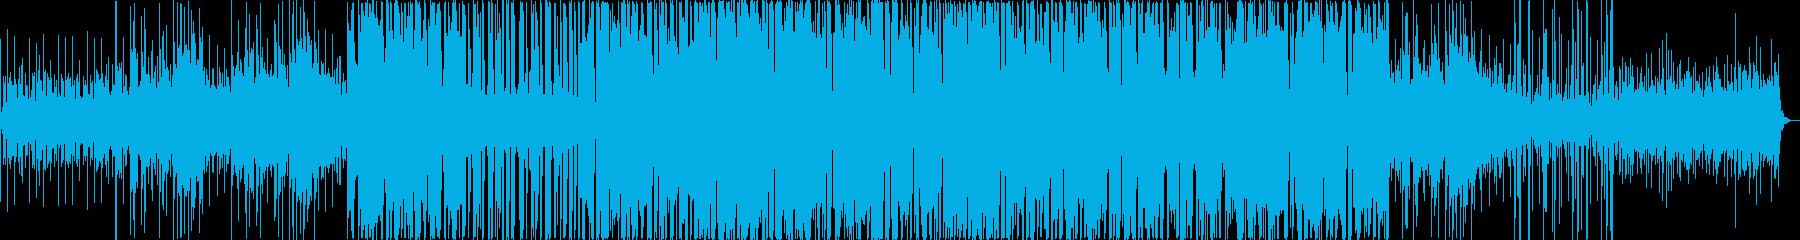 幻想的な旋律のエレキ音の再生済みの波形